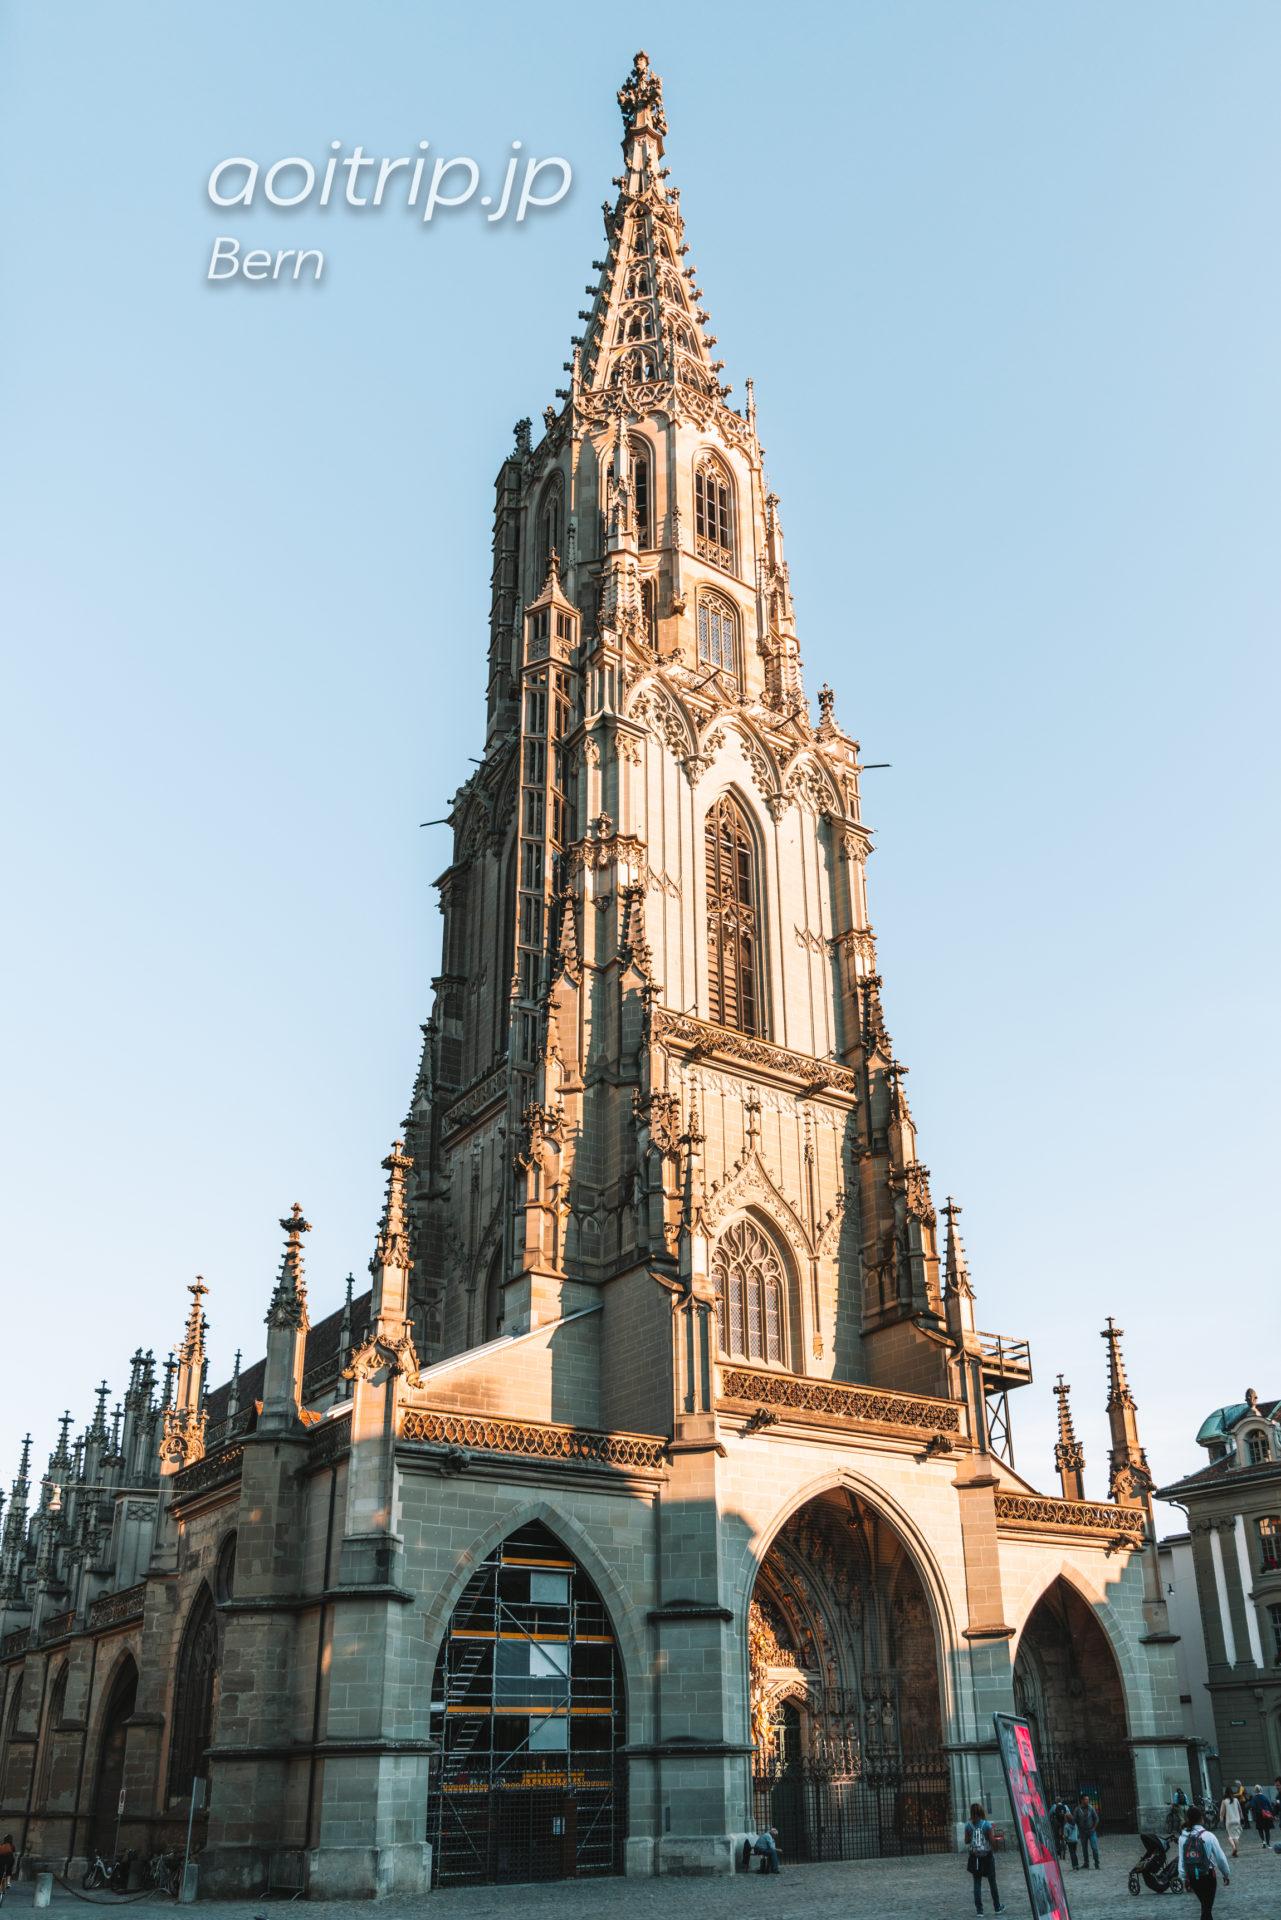 ベルン大聖堂(ベルナーミュンスター)の外観